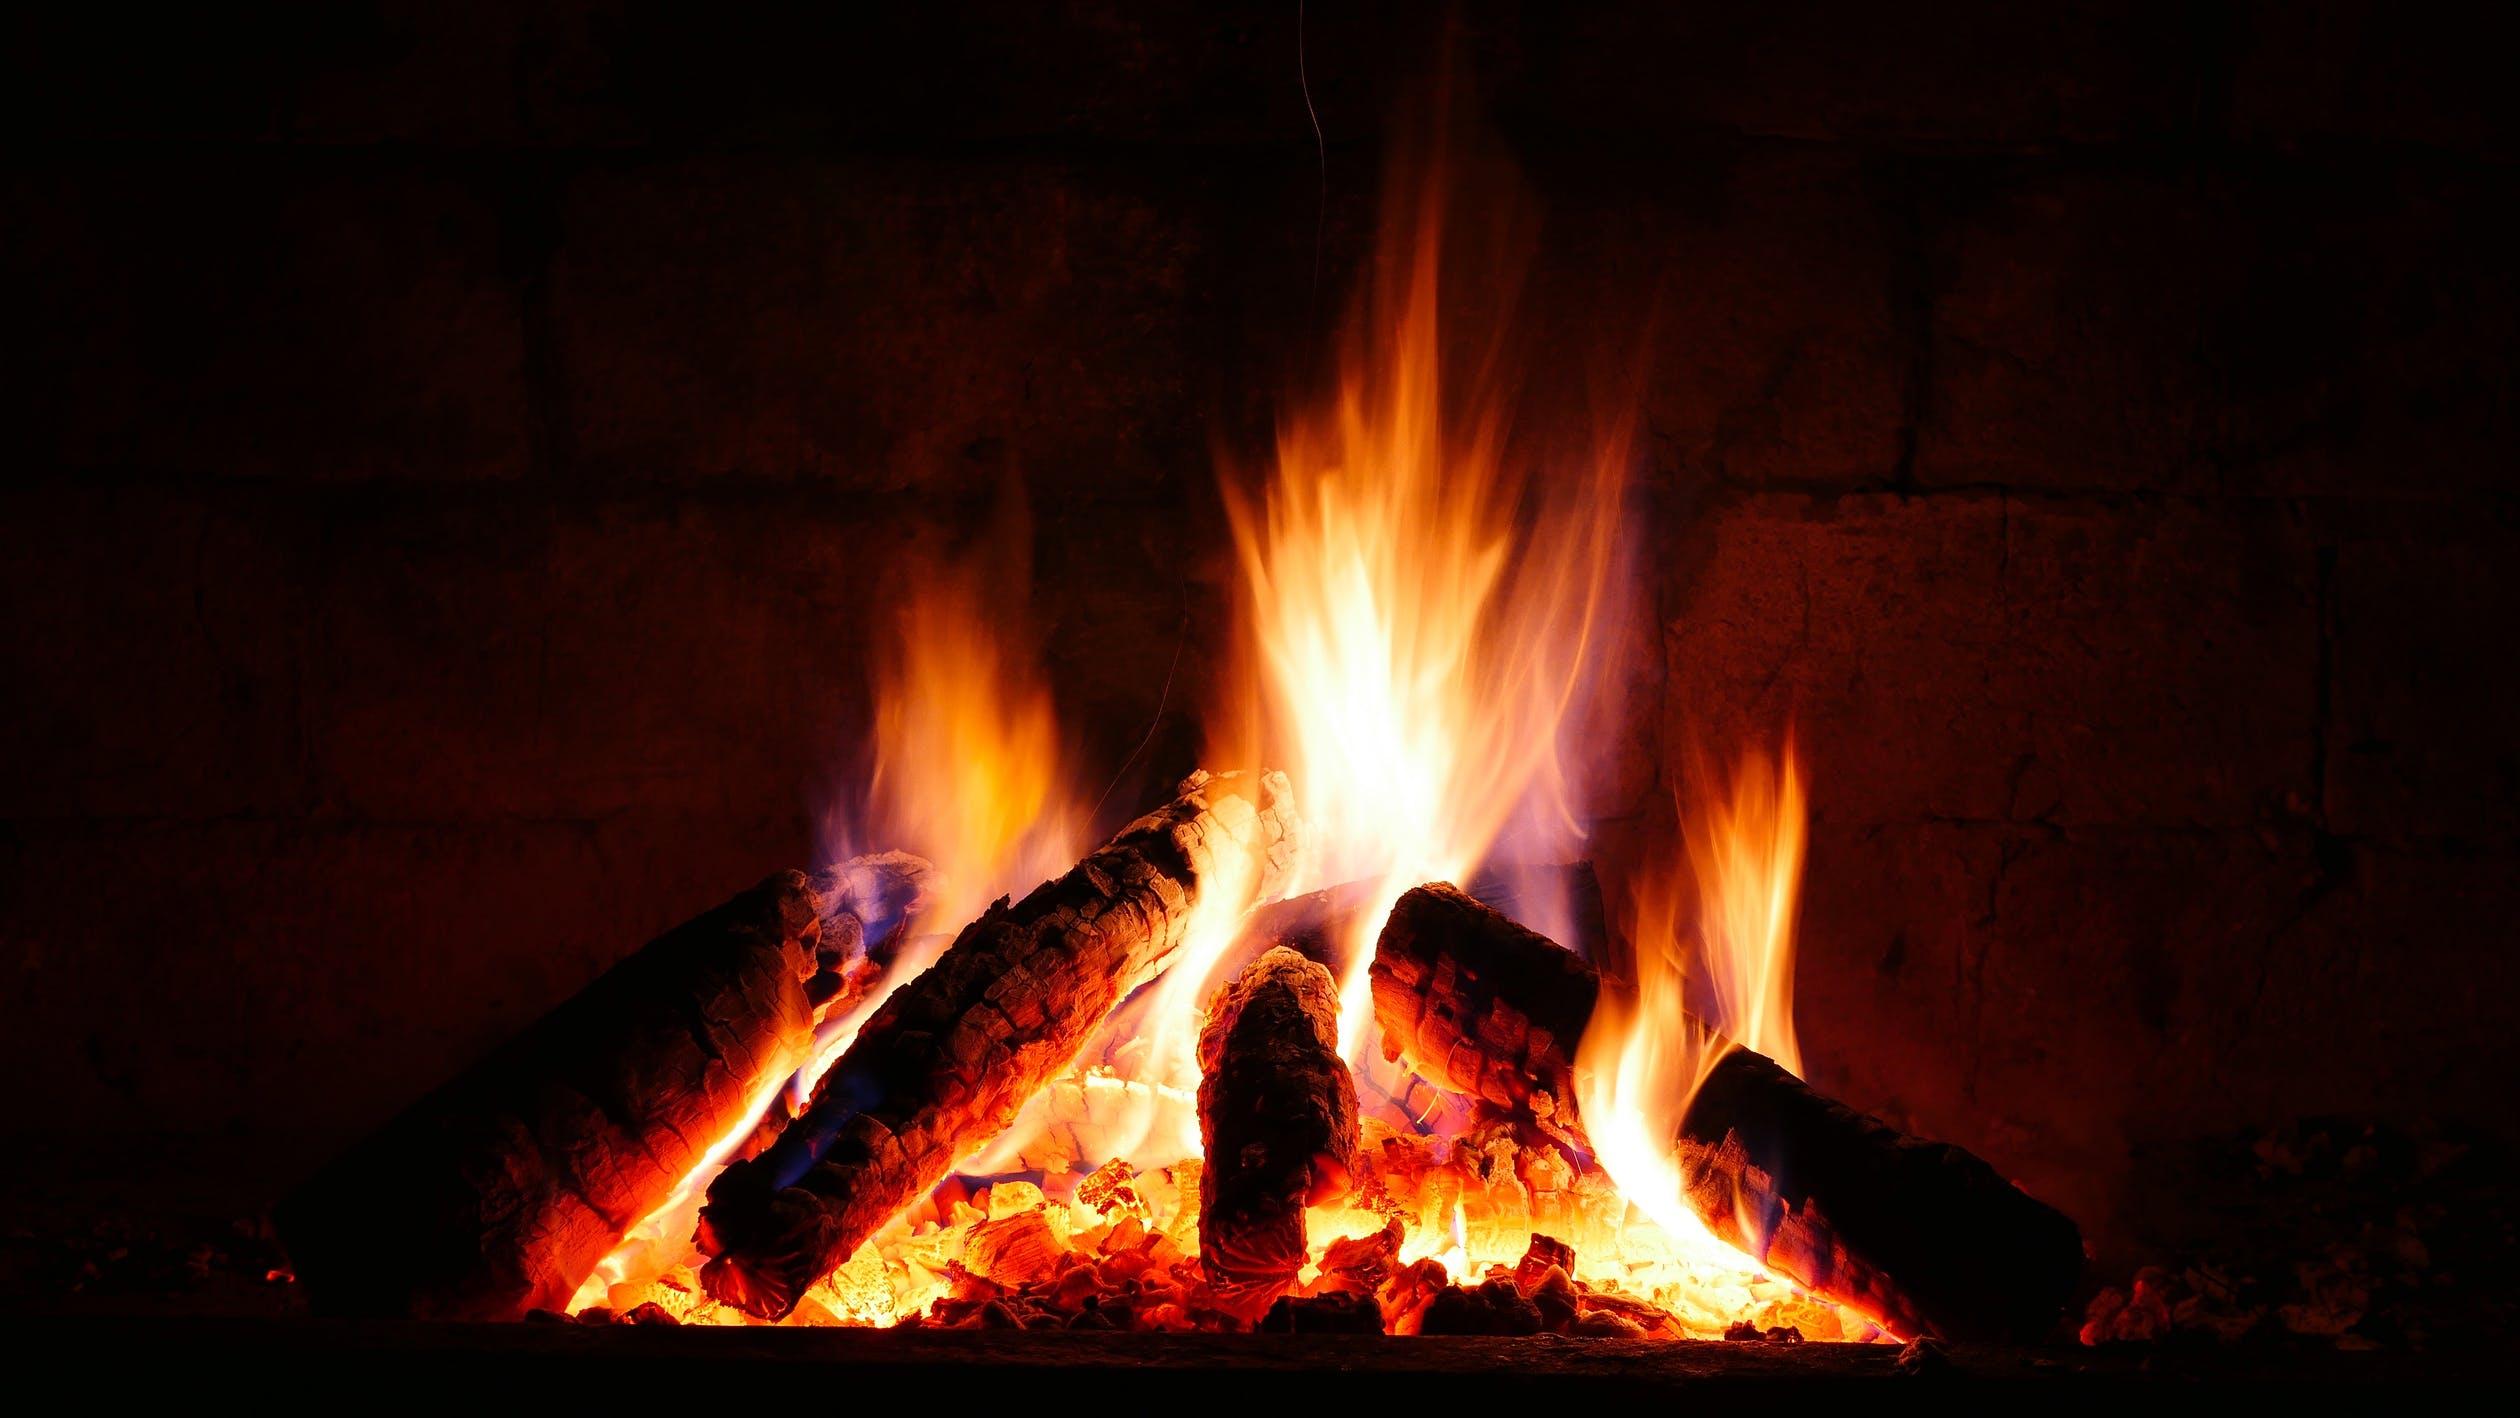 Vatra u kaminskom ložištu